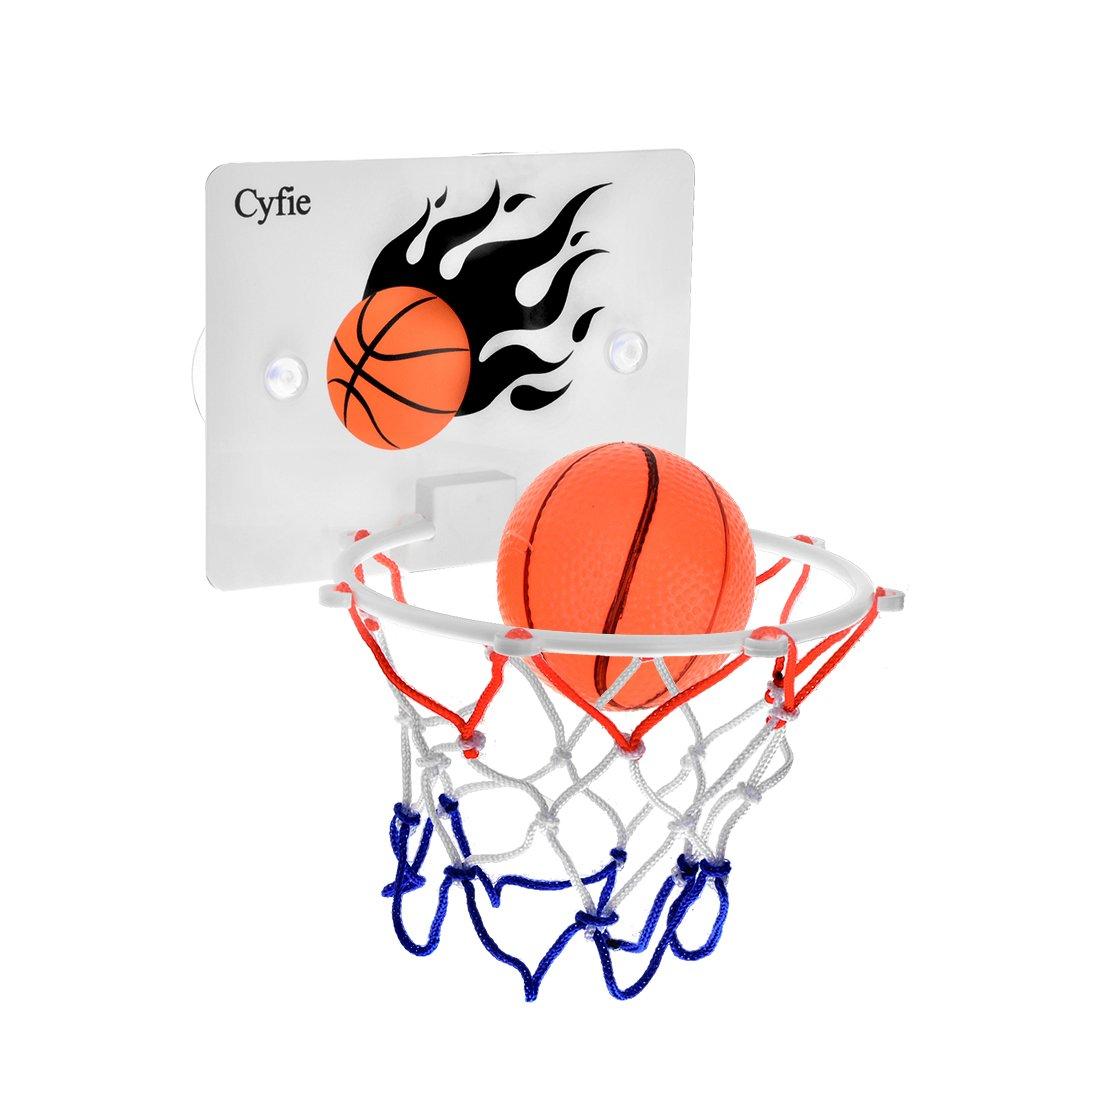 Cyfie Basketball Hoop Toy Office Desktop Game Bathroom Toilet Slam